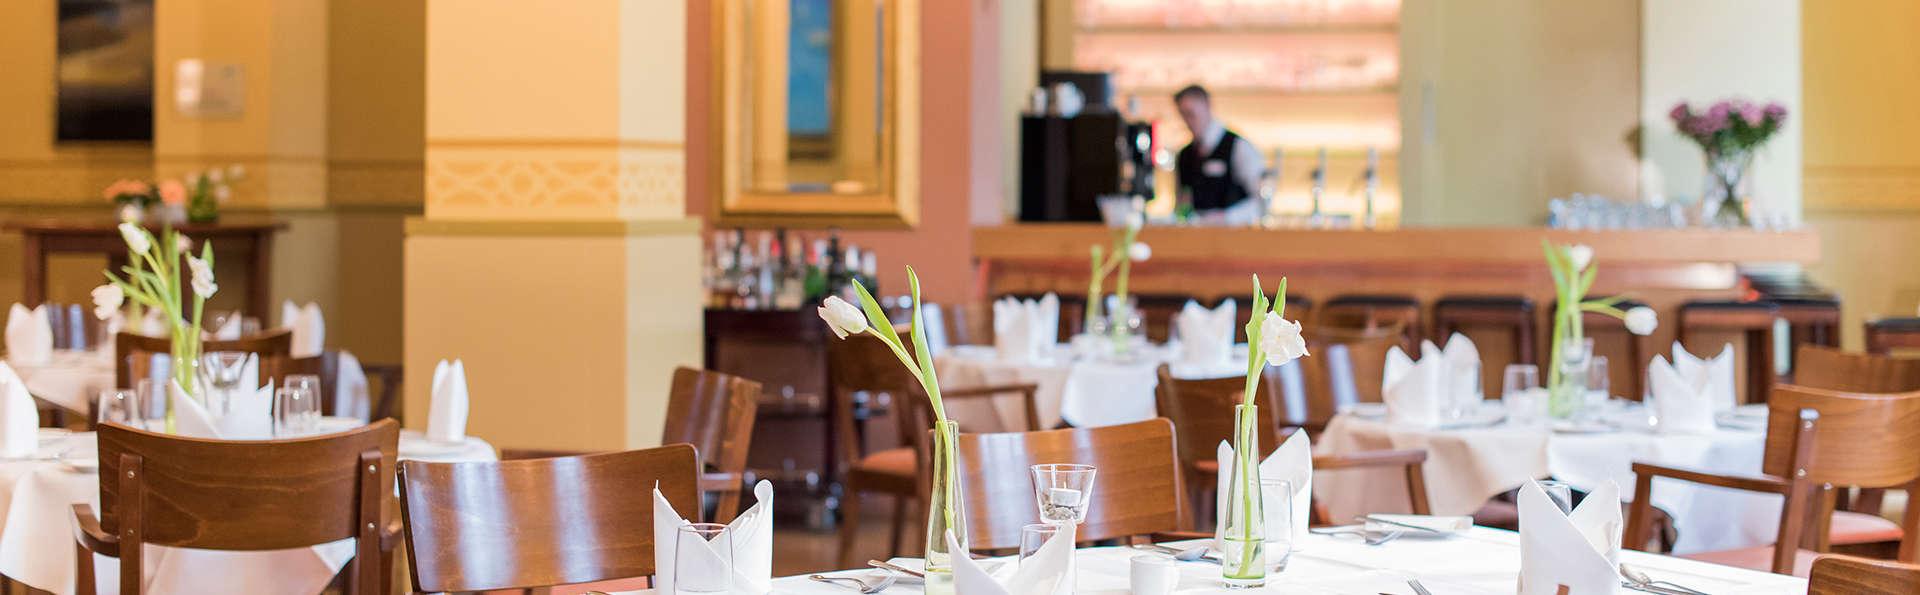 Séjour culinaire avec dîner et bien-être et Bonn